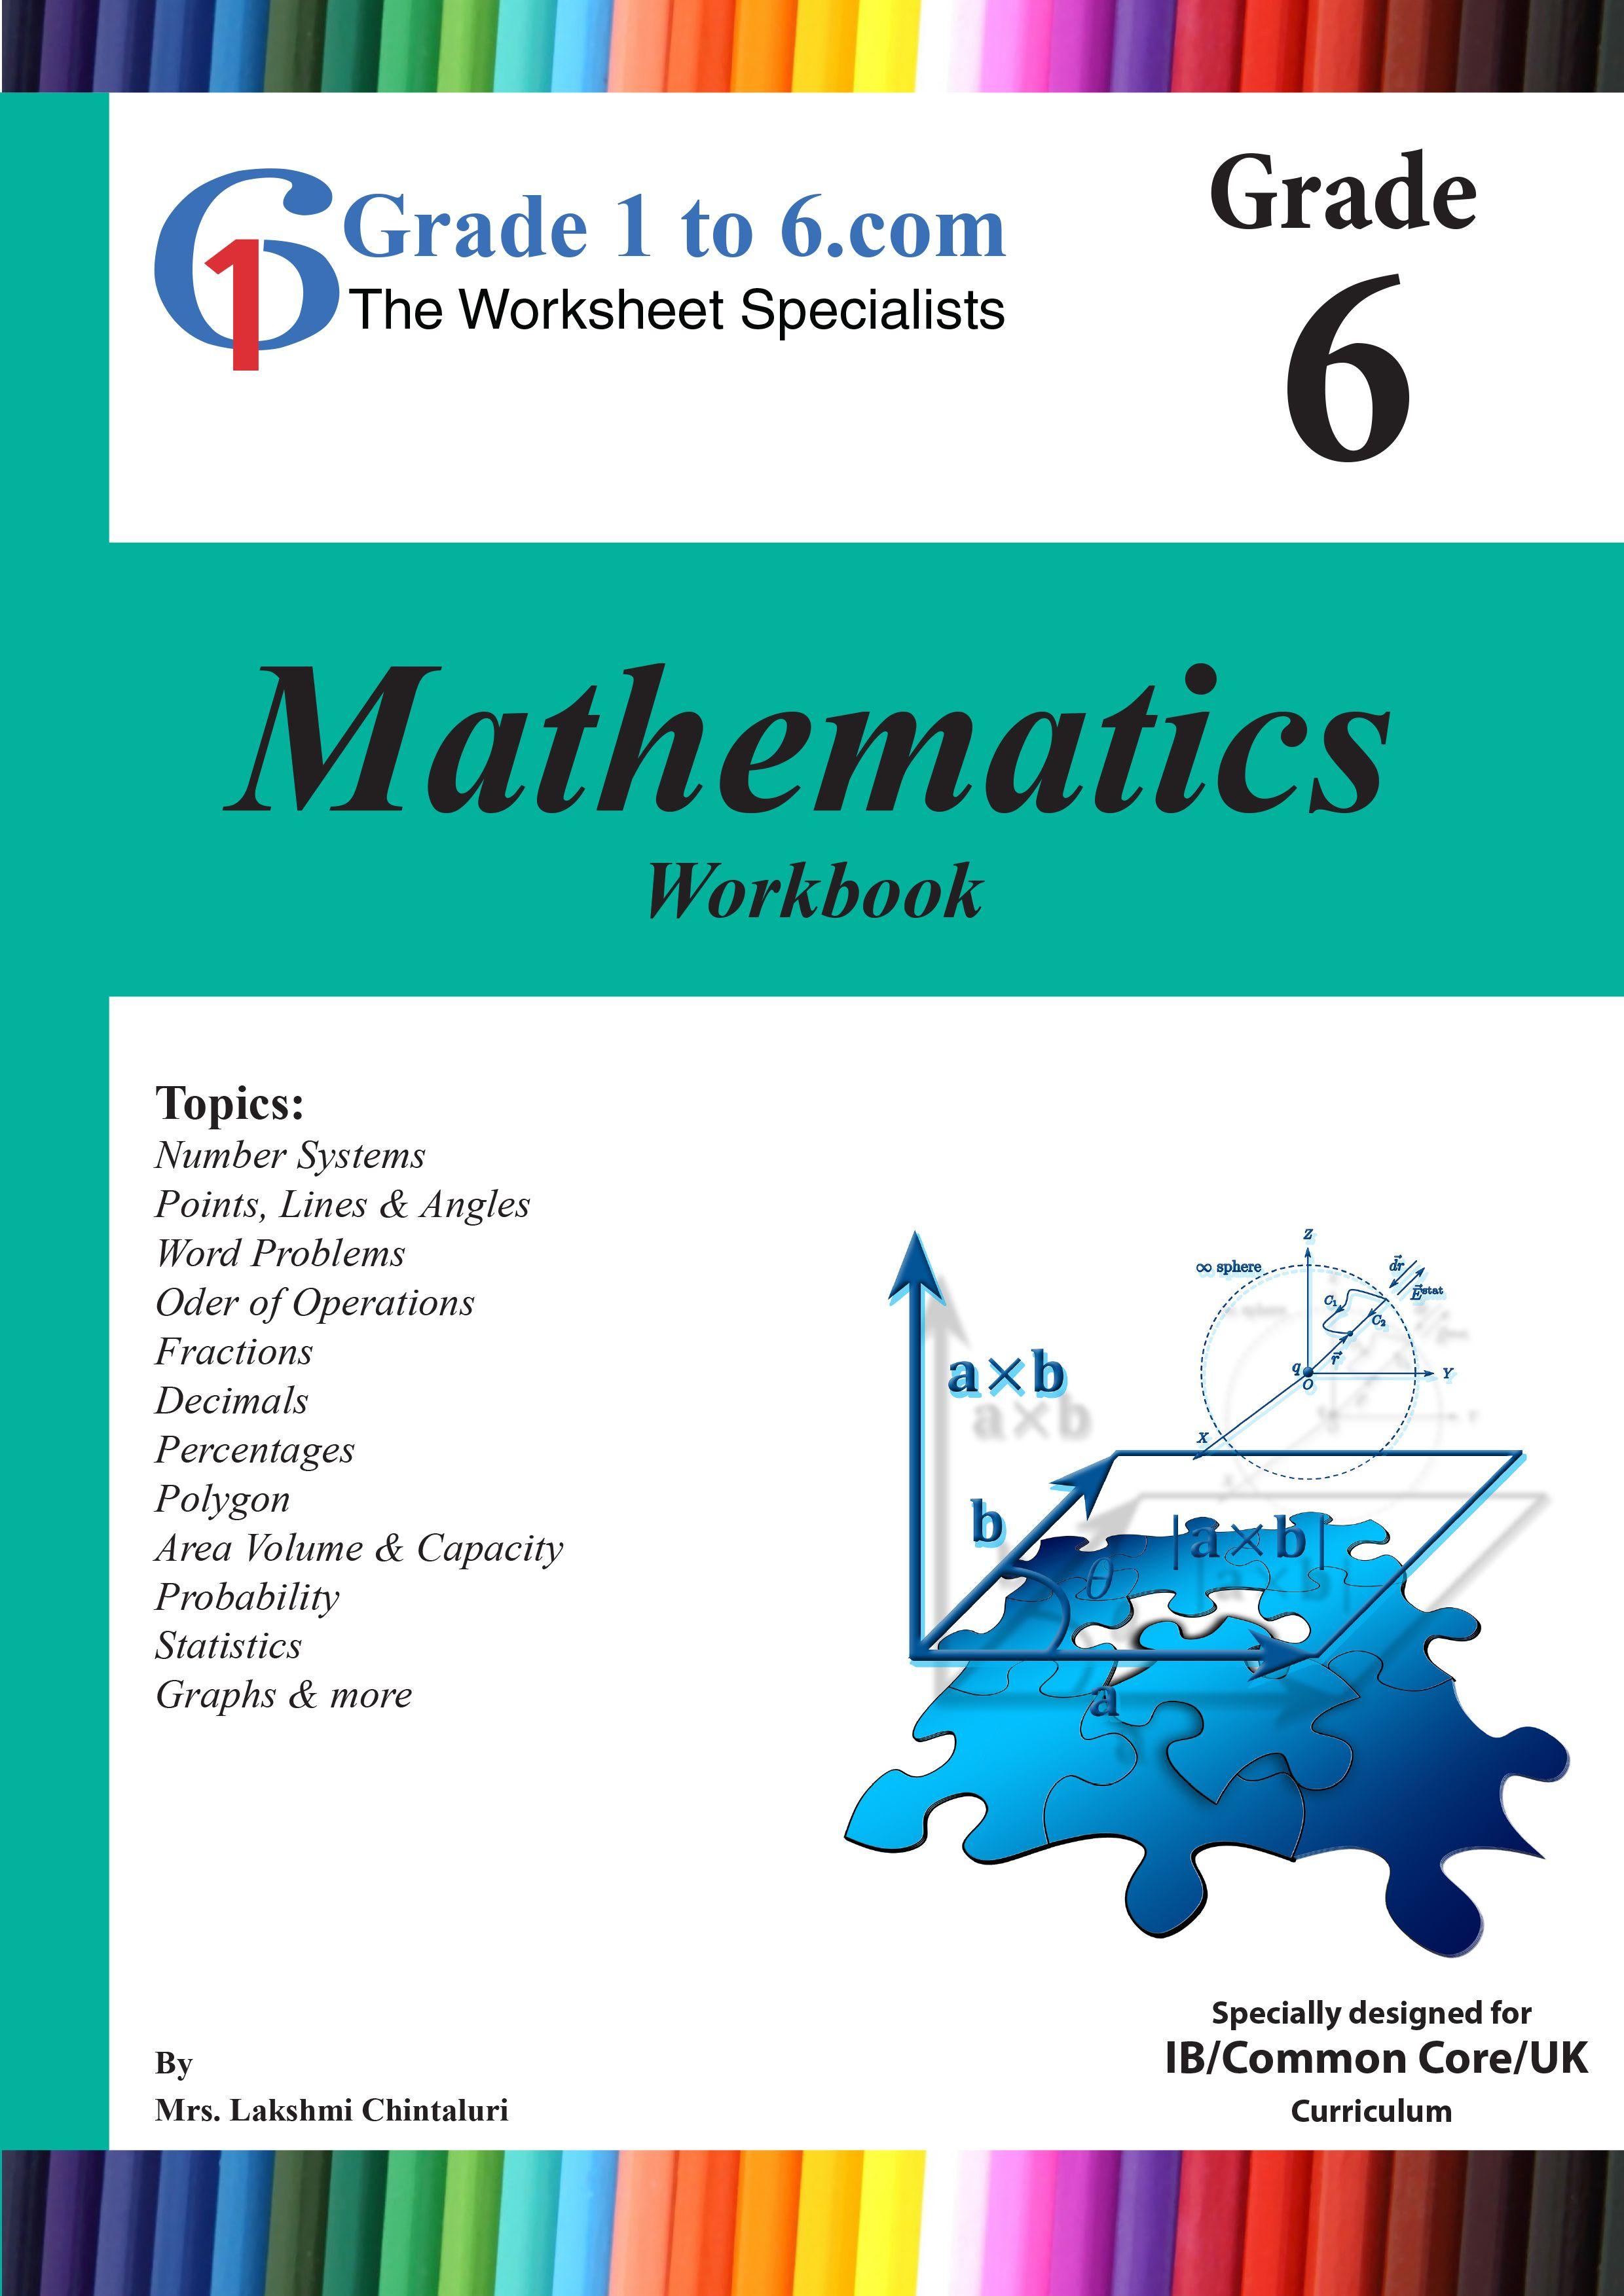 Grade 6 Maths Workbook from www.Grade1to6.com Books | Math Workbooks ...